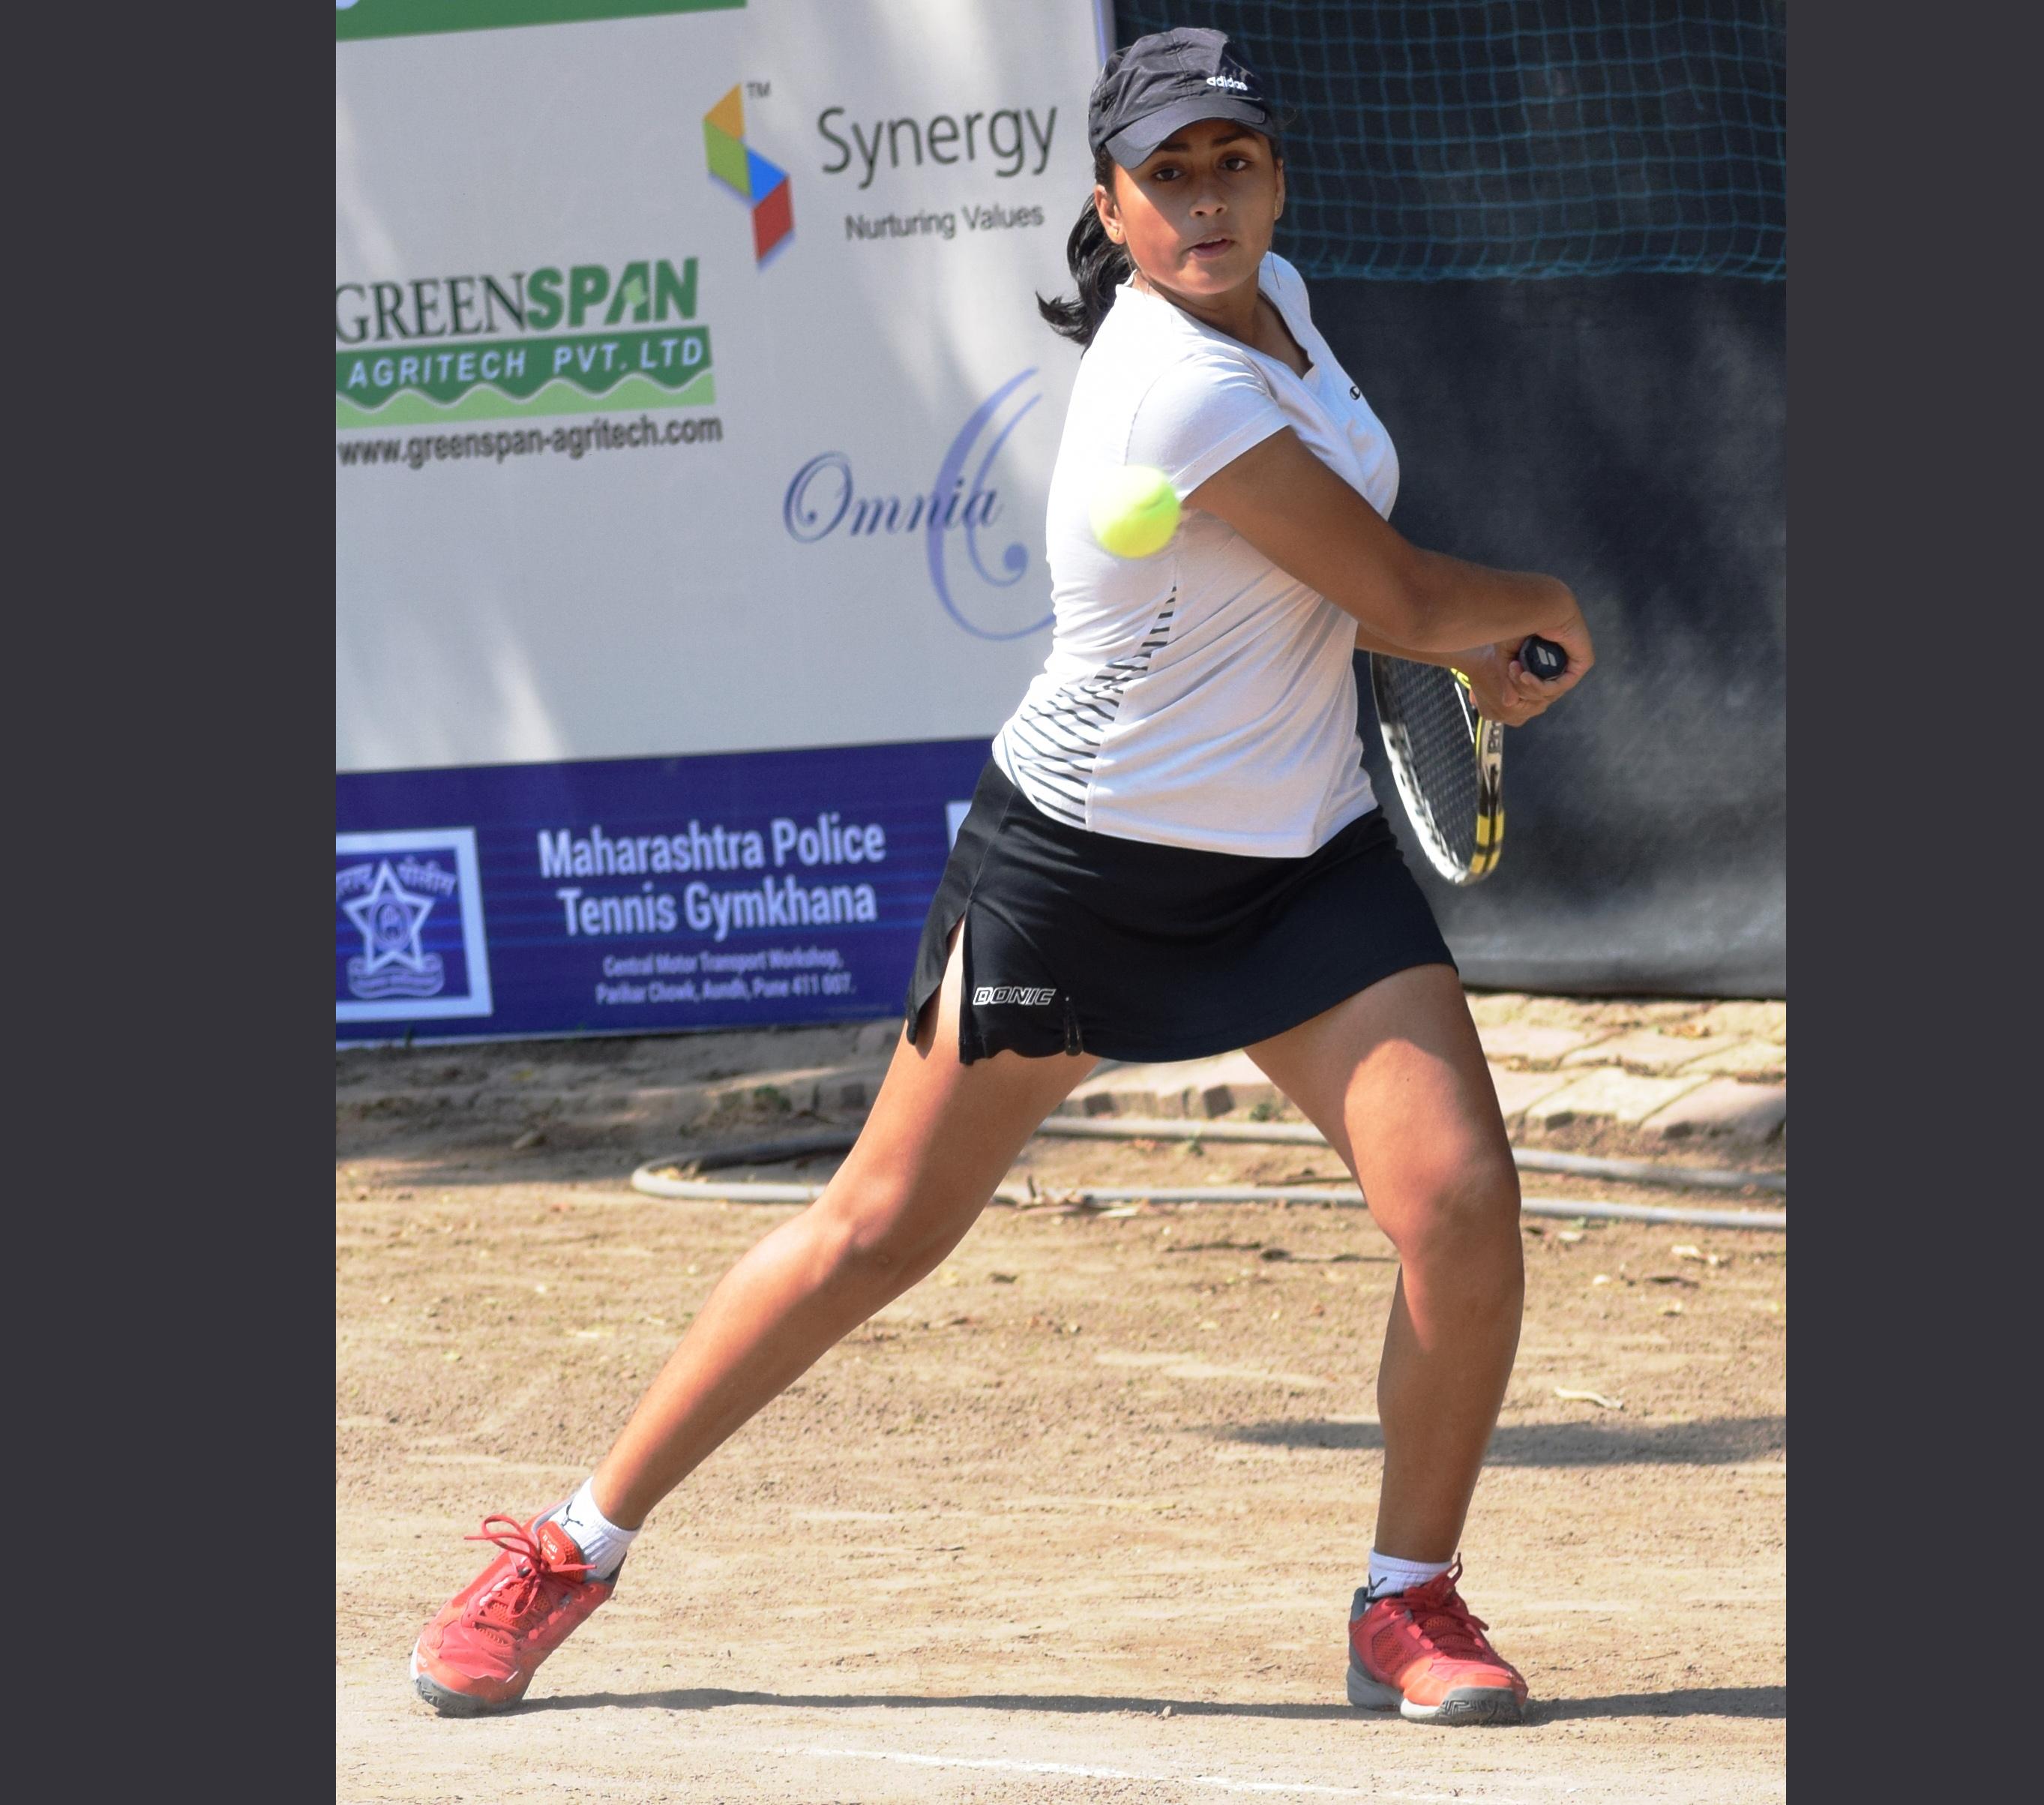 टेनिस स्पर्धेत सुहित लंका, मोहित बेंद्रे, गायत्री बाला, आकांक्षा नित्तुरे यांचा मानांकीत खेळाडूंवर विजय